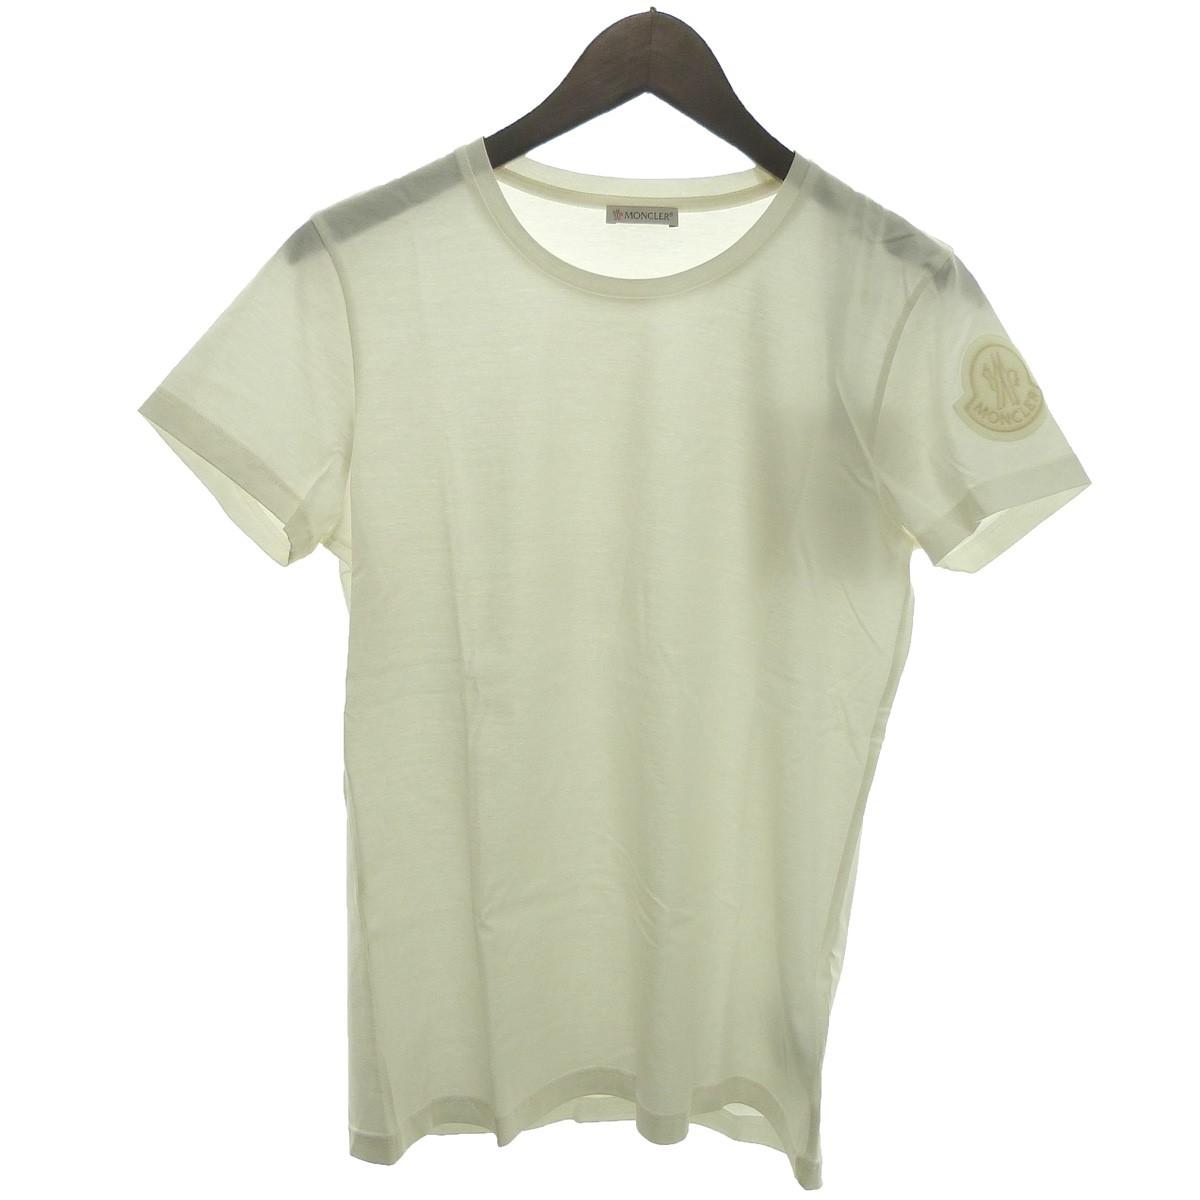 【中古】MONCLER 「T-SHIRT GIROCOLLO」 袖ワッペンTシャツ ホワイト サイズ:M 【210320】(モンクレール)